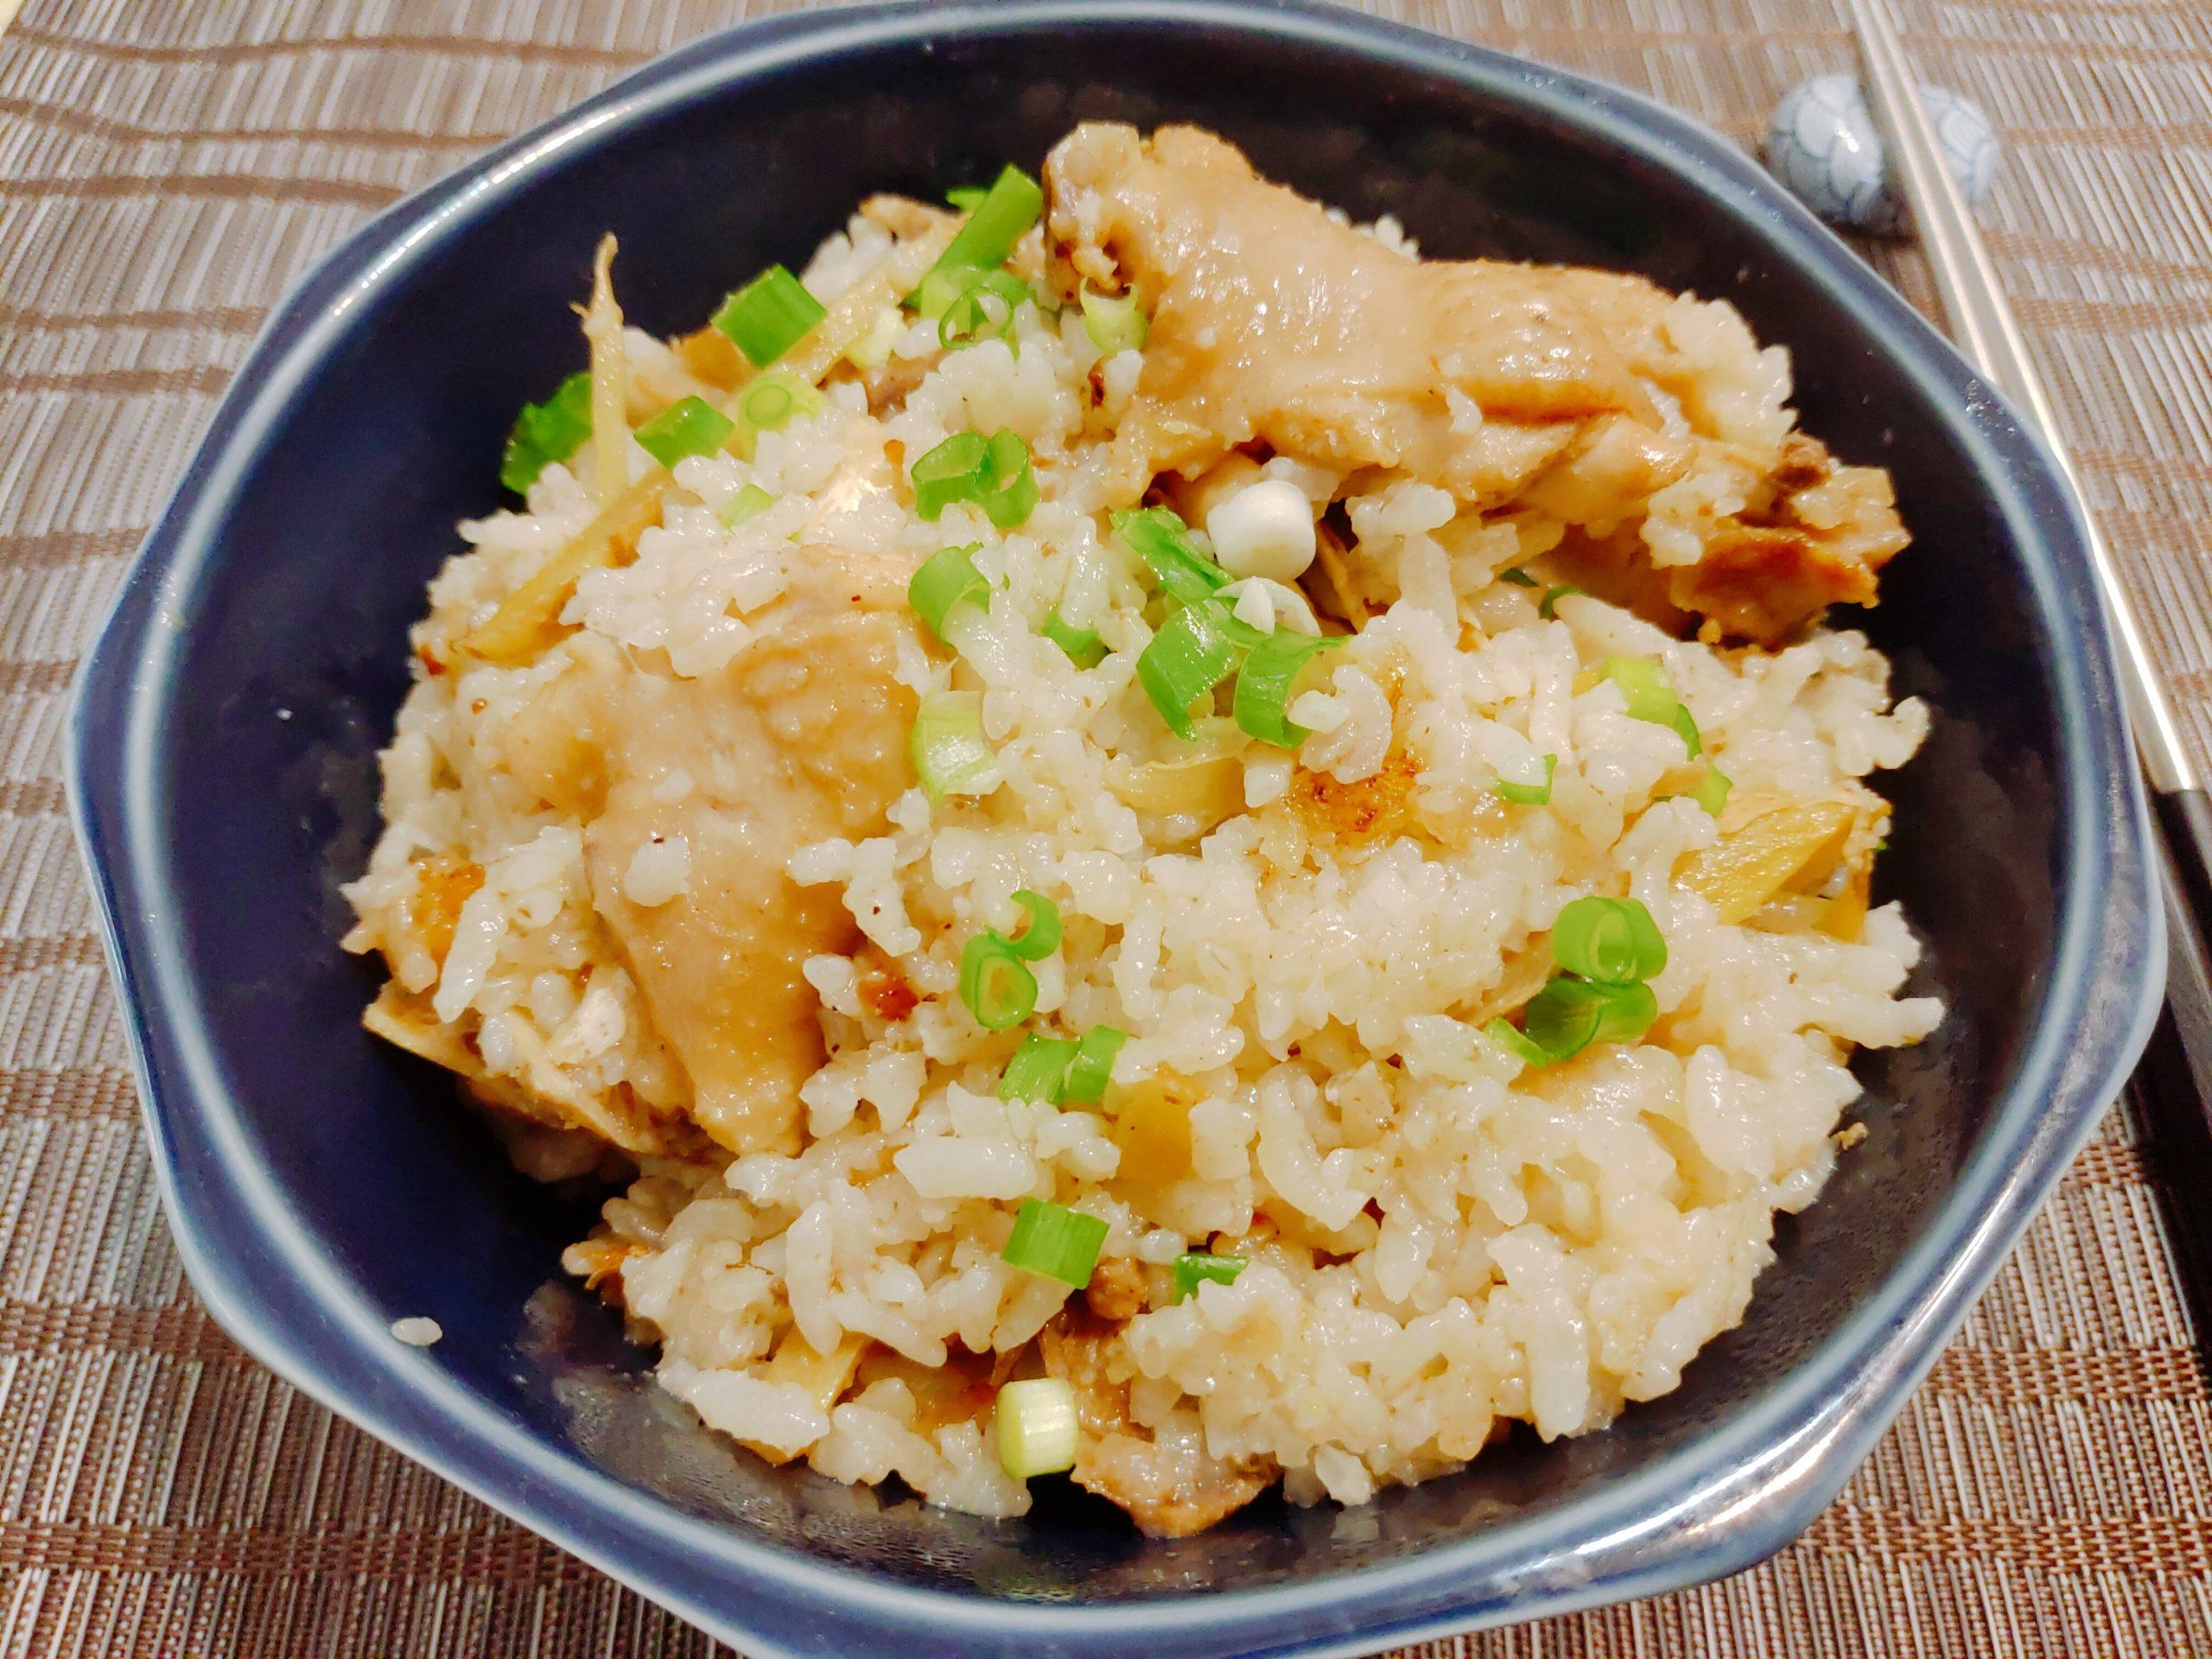 【食譜】麻油雞飯|冬季進補又簡單,一鍋做好全家享福